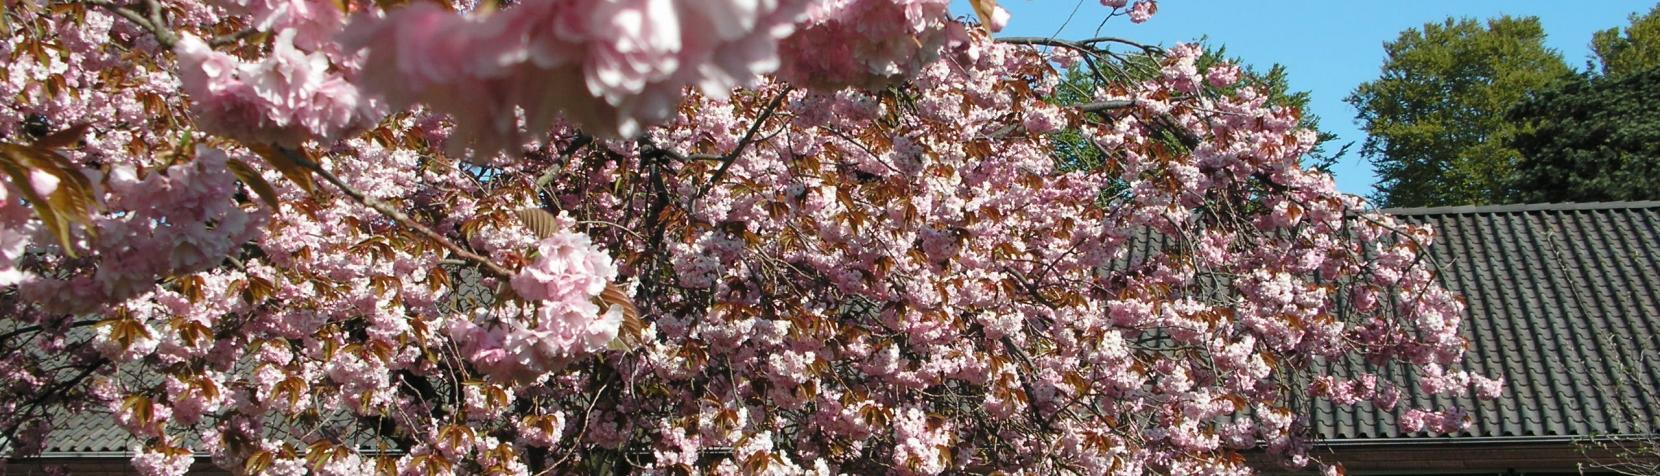 Billedet viser et kirsebærtræ